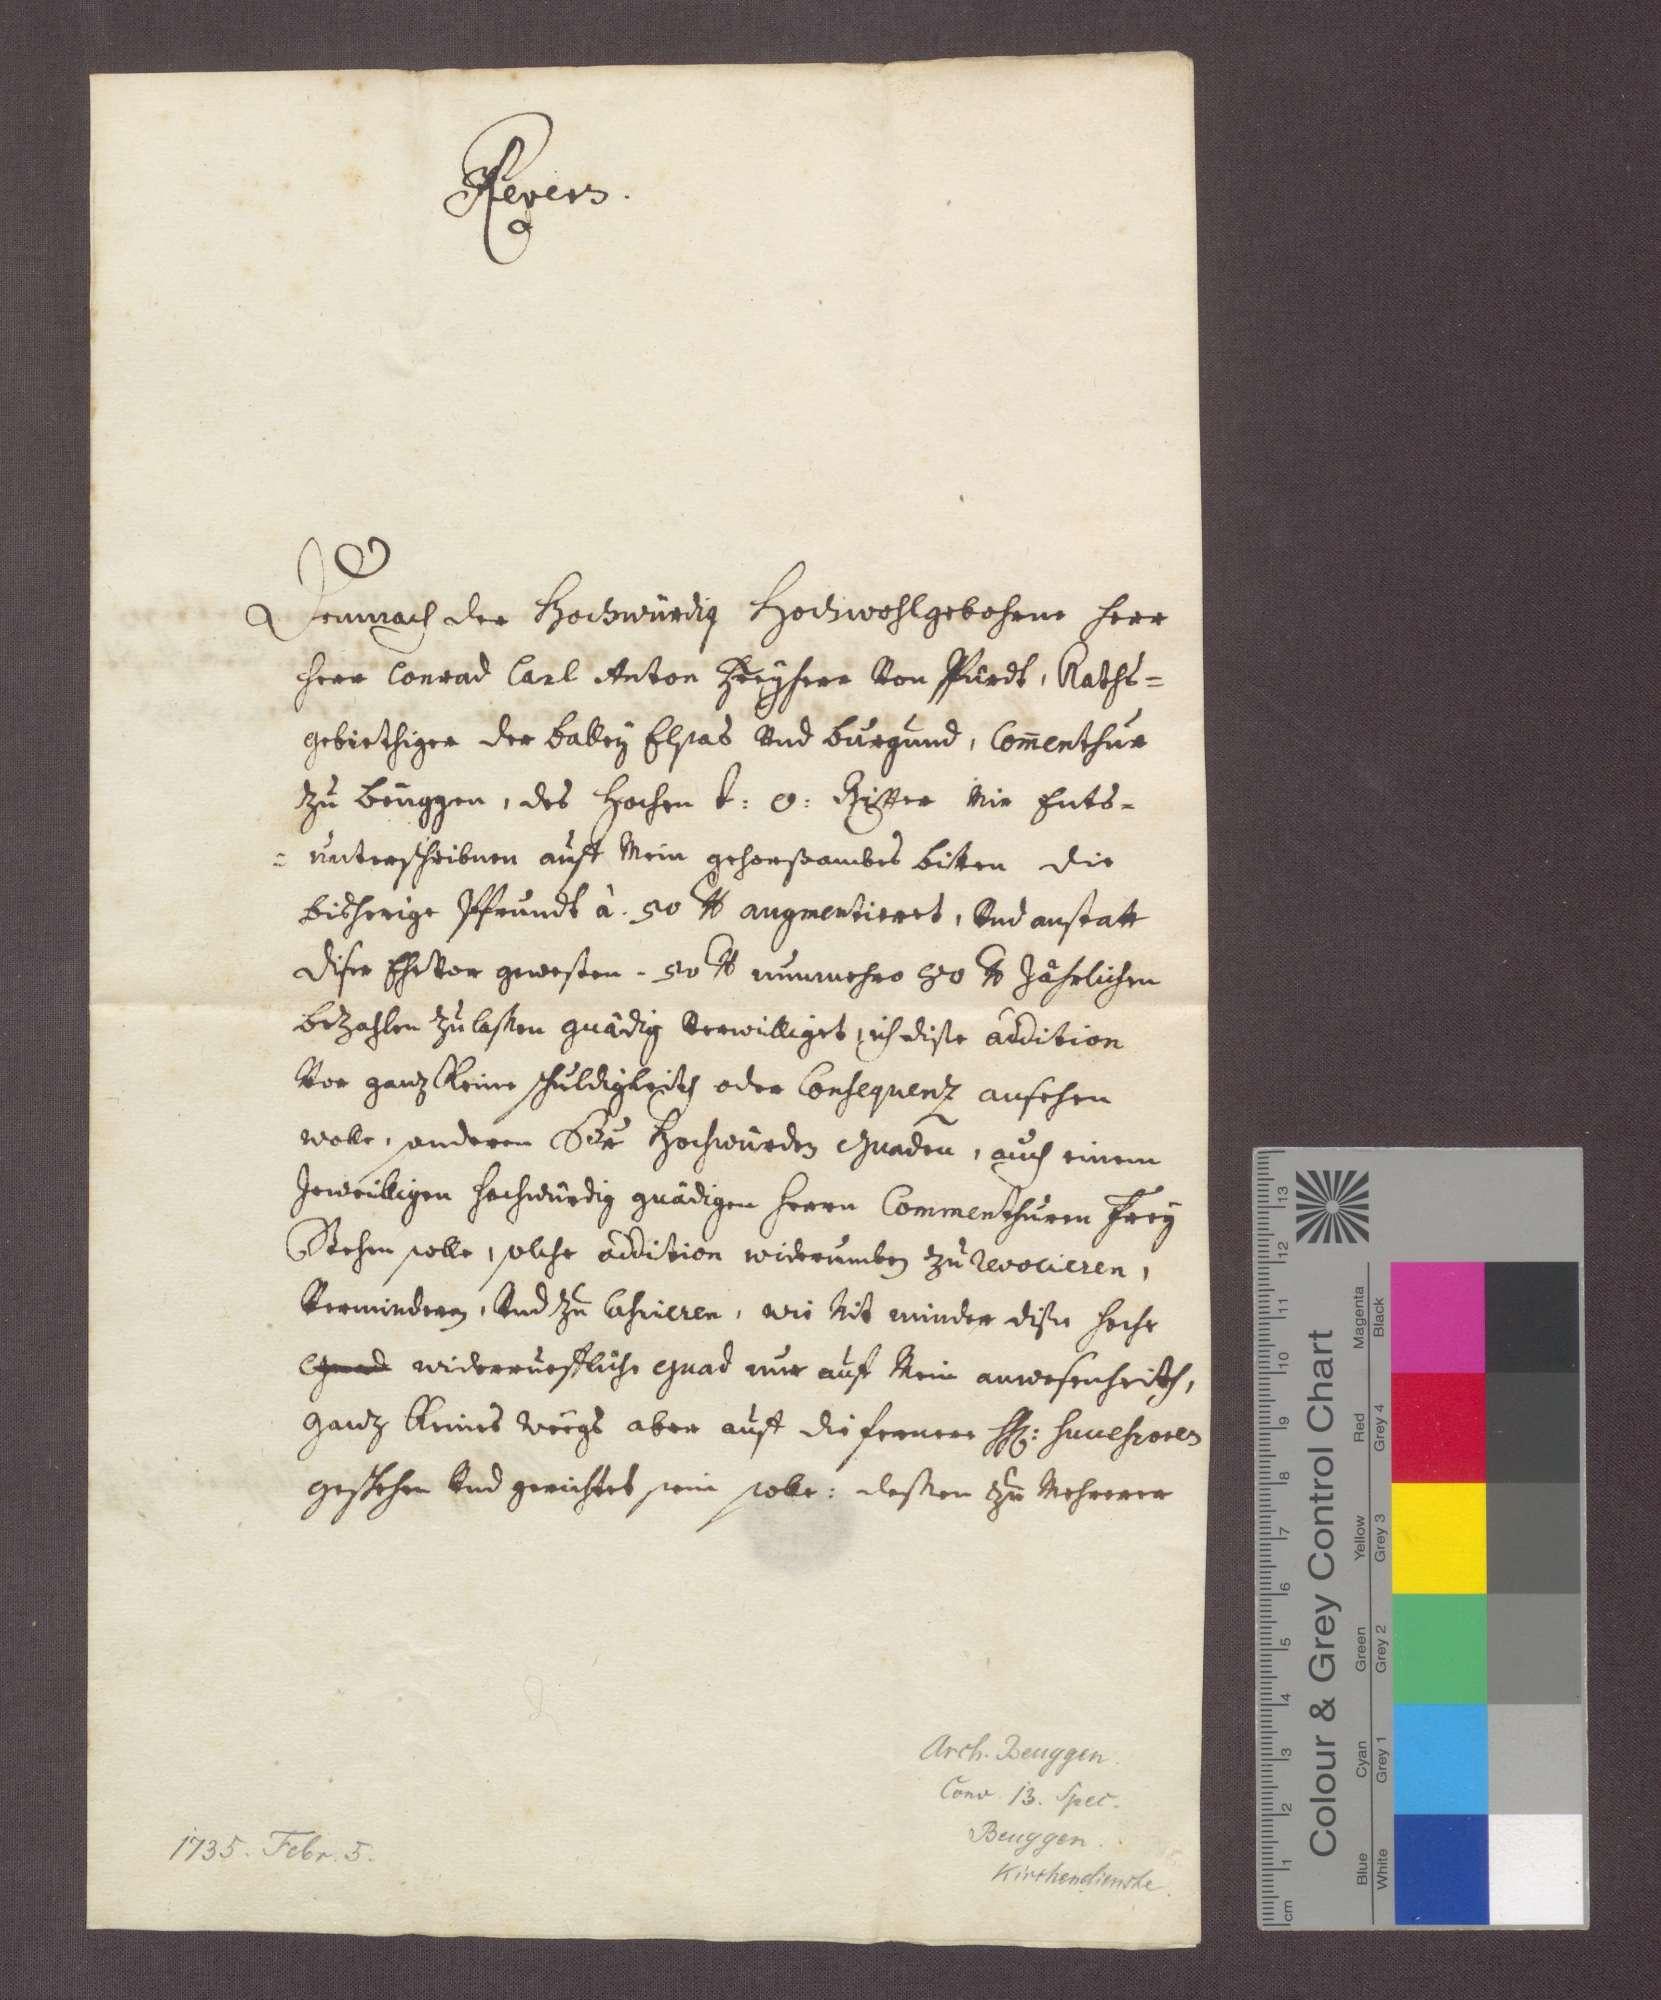 Der Pfarrvikars Philipp Heinisch reversiert gegenüber dem Komtur Karl Anton von Pfirdt zu Beuggen wegen der ihm widerruflich bewilligten Besoldungsaufbesserung seiner Pfründe von 50 auf 80 Pfund., Bild 1